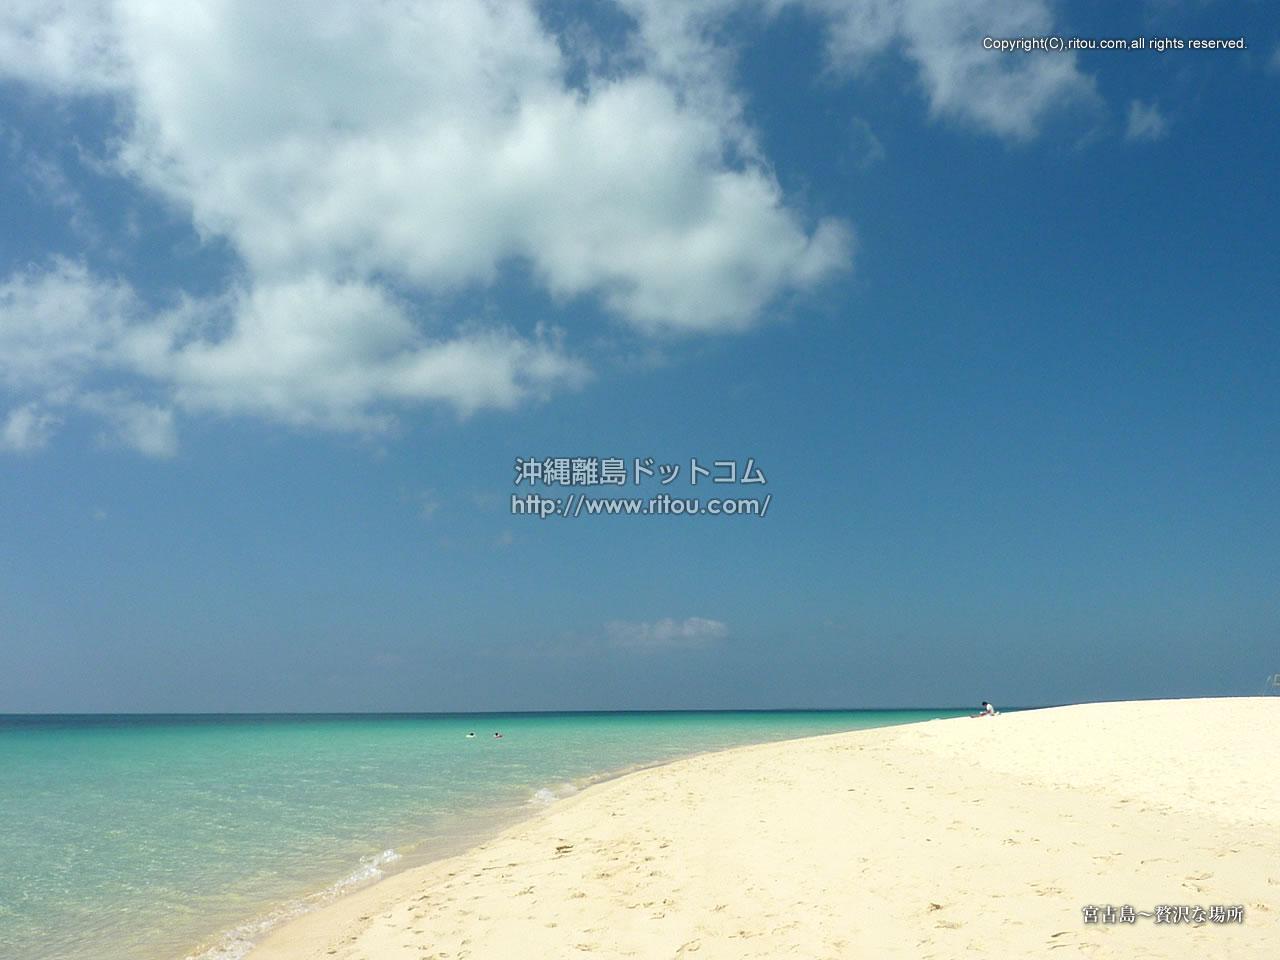 宮古島〜贅沢な場所